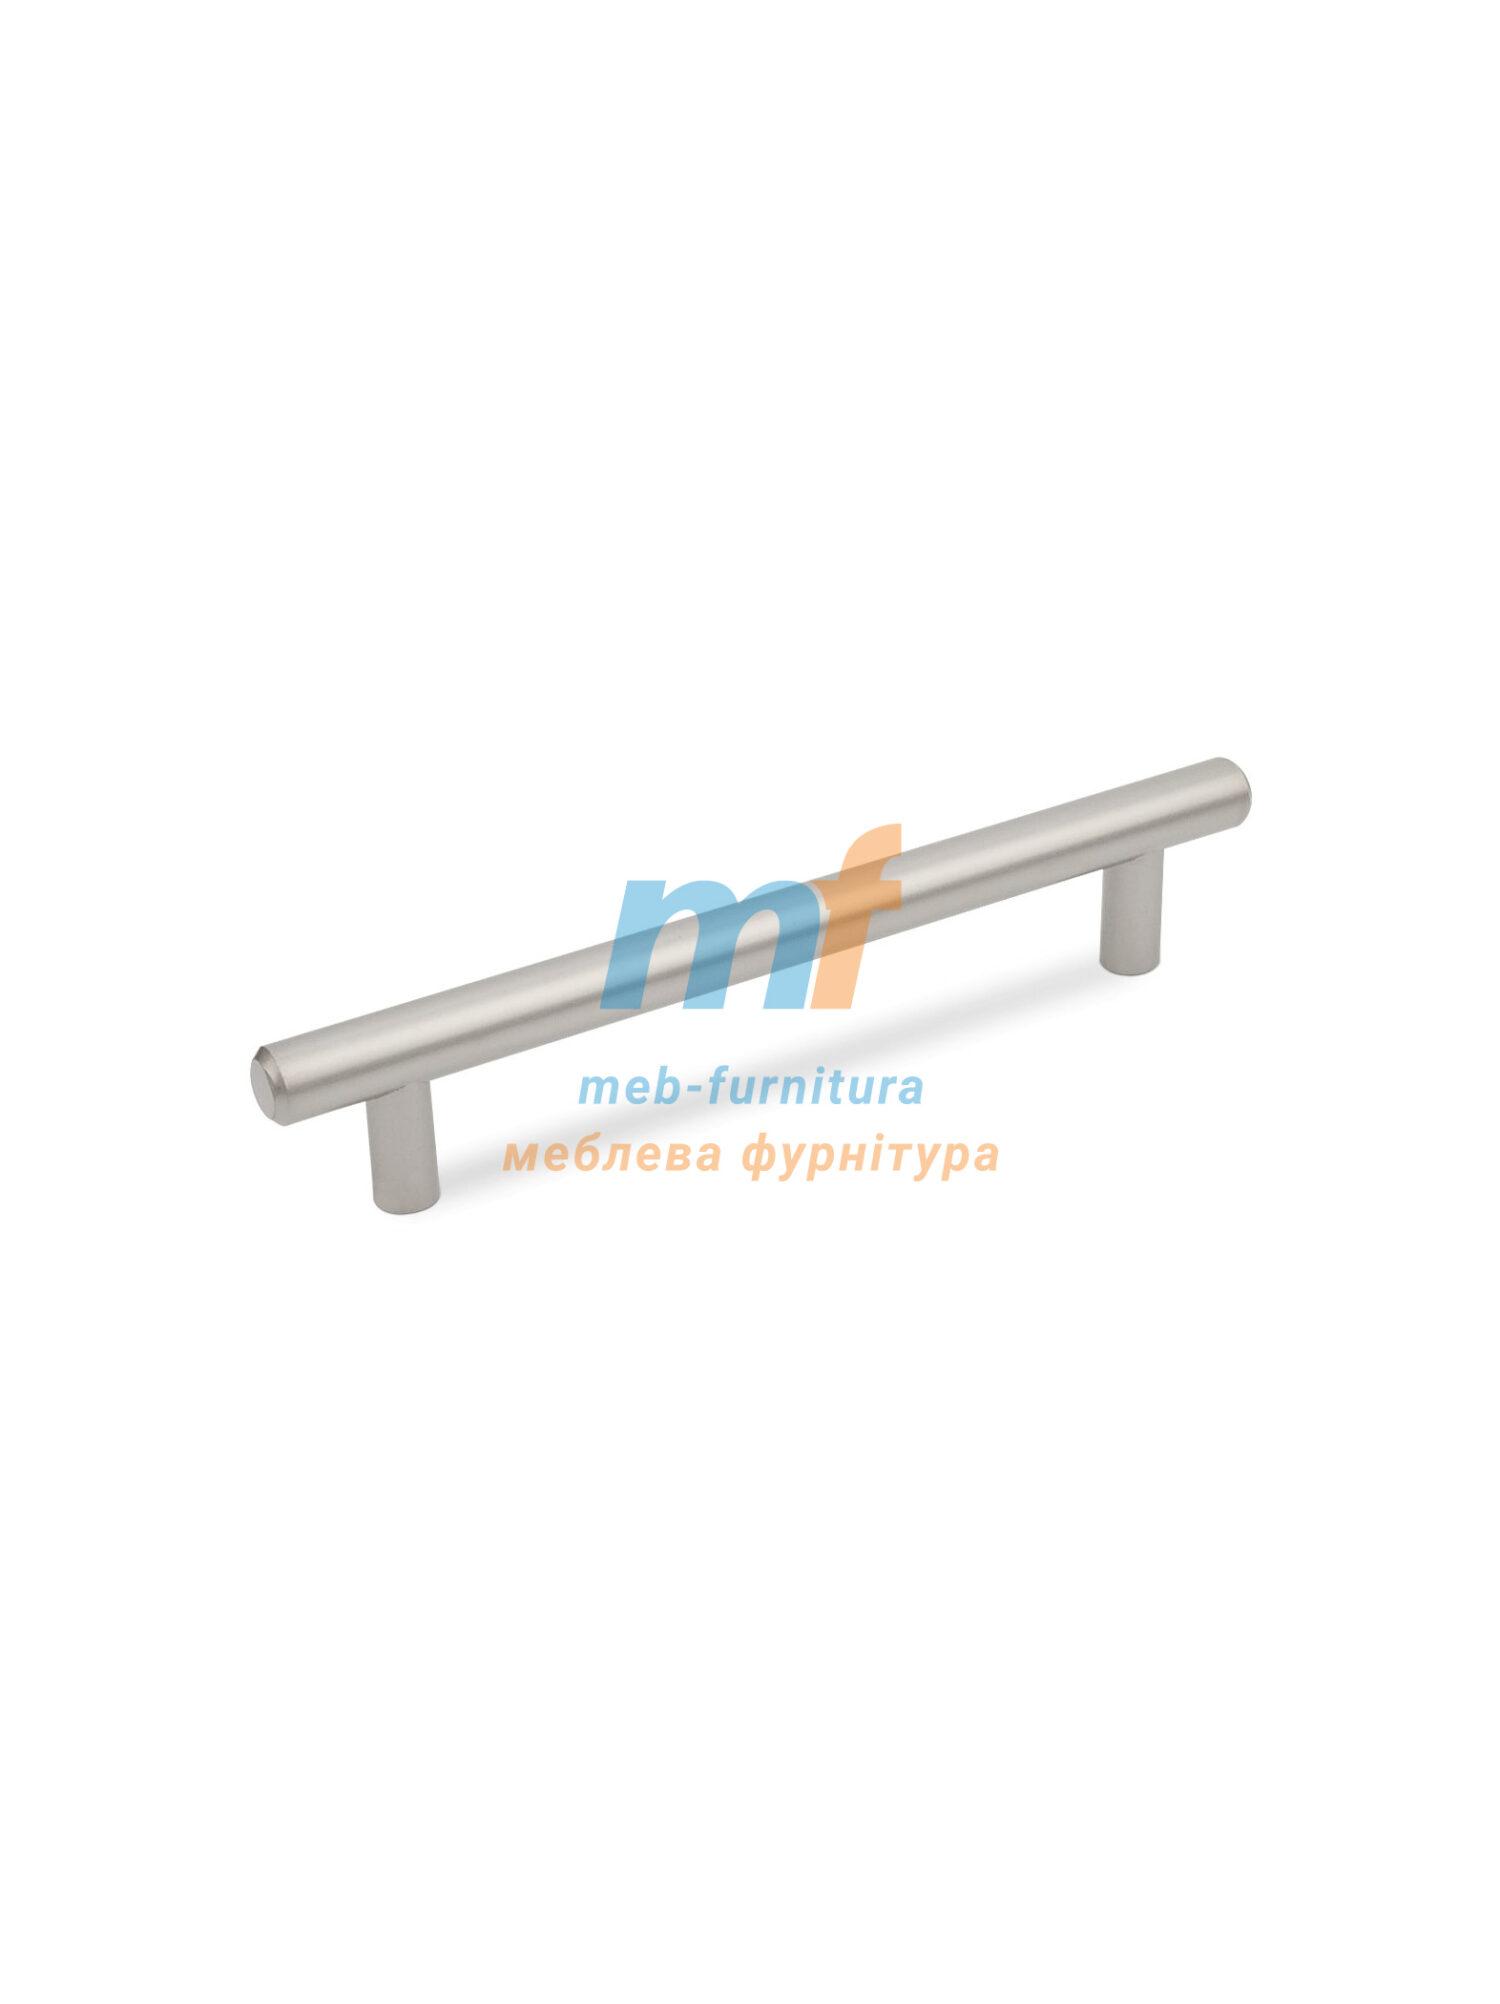 Ручка мебельная релинг 160мм - сатин